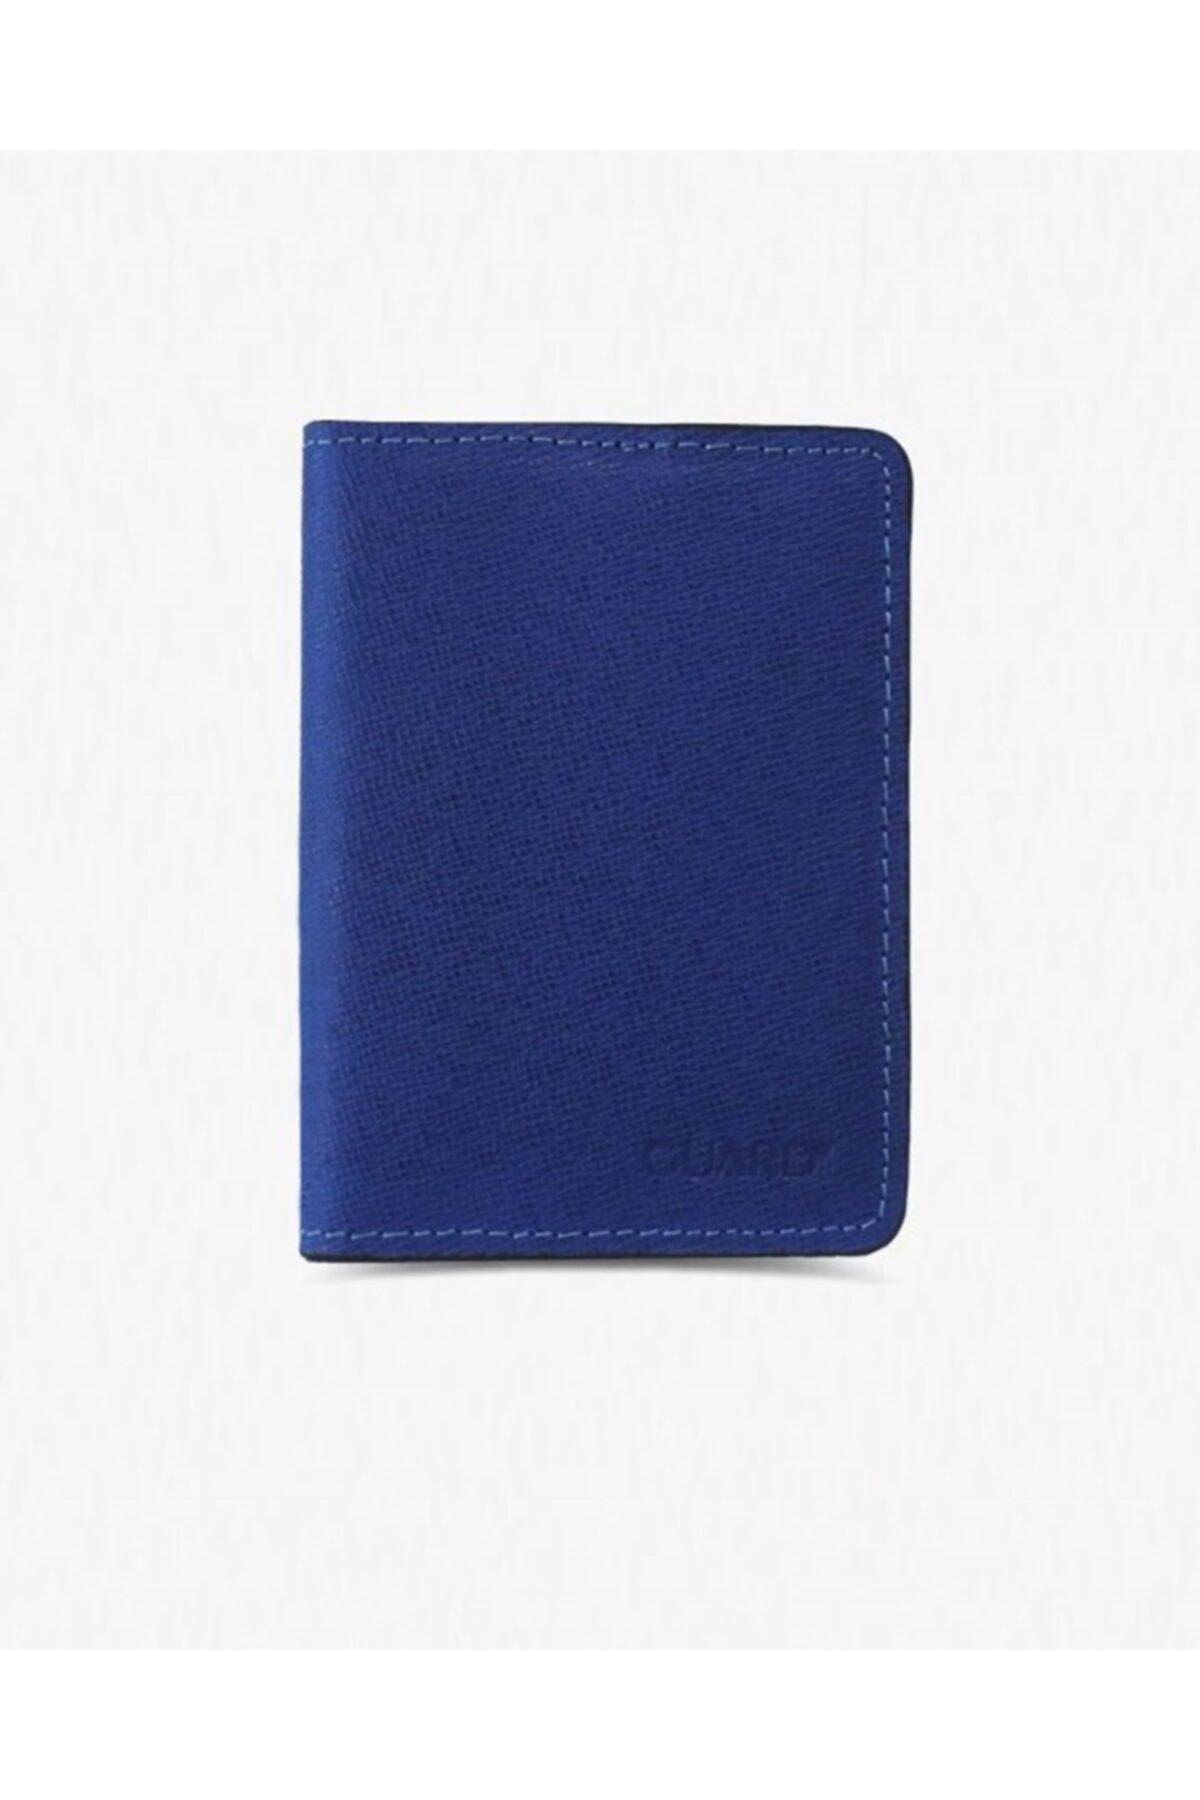 GUARD Mavi Deri Kartlık 1